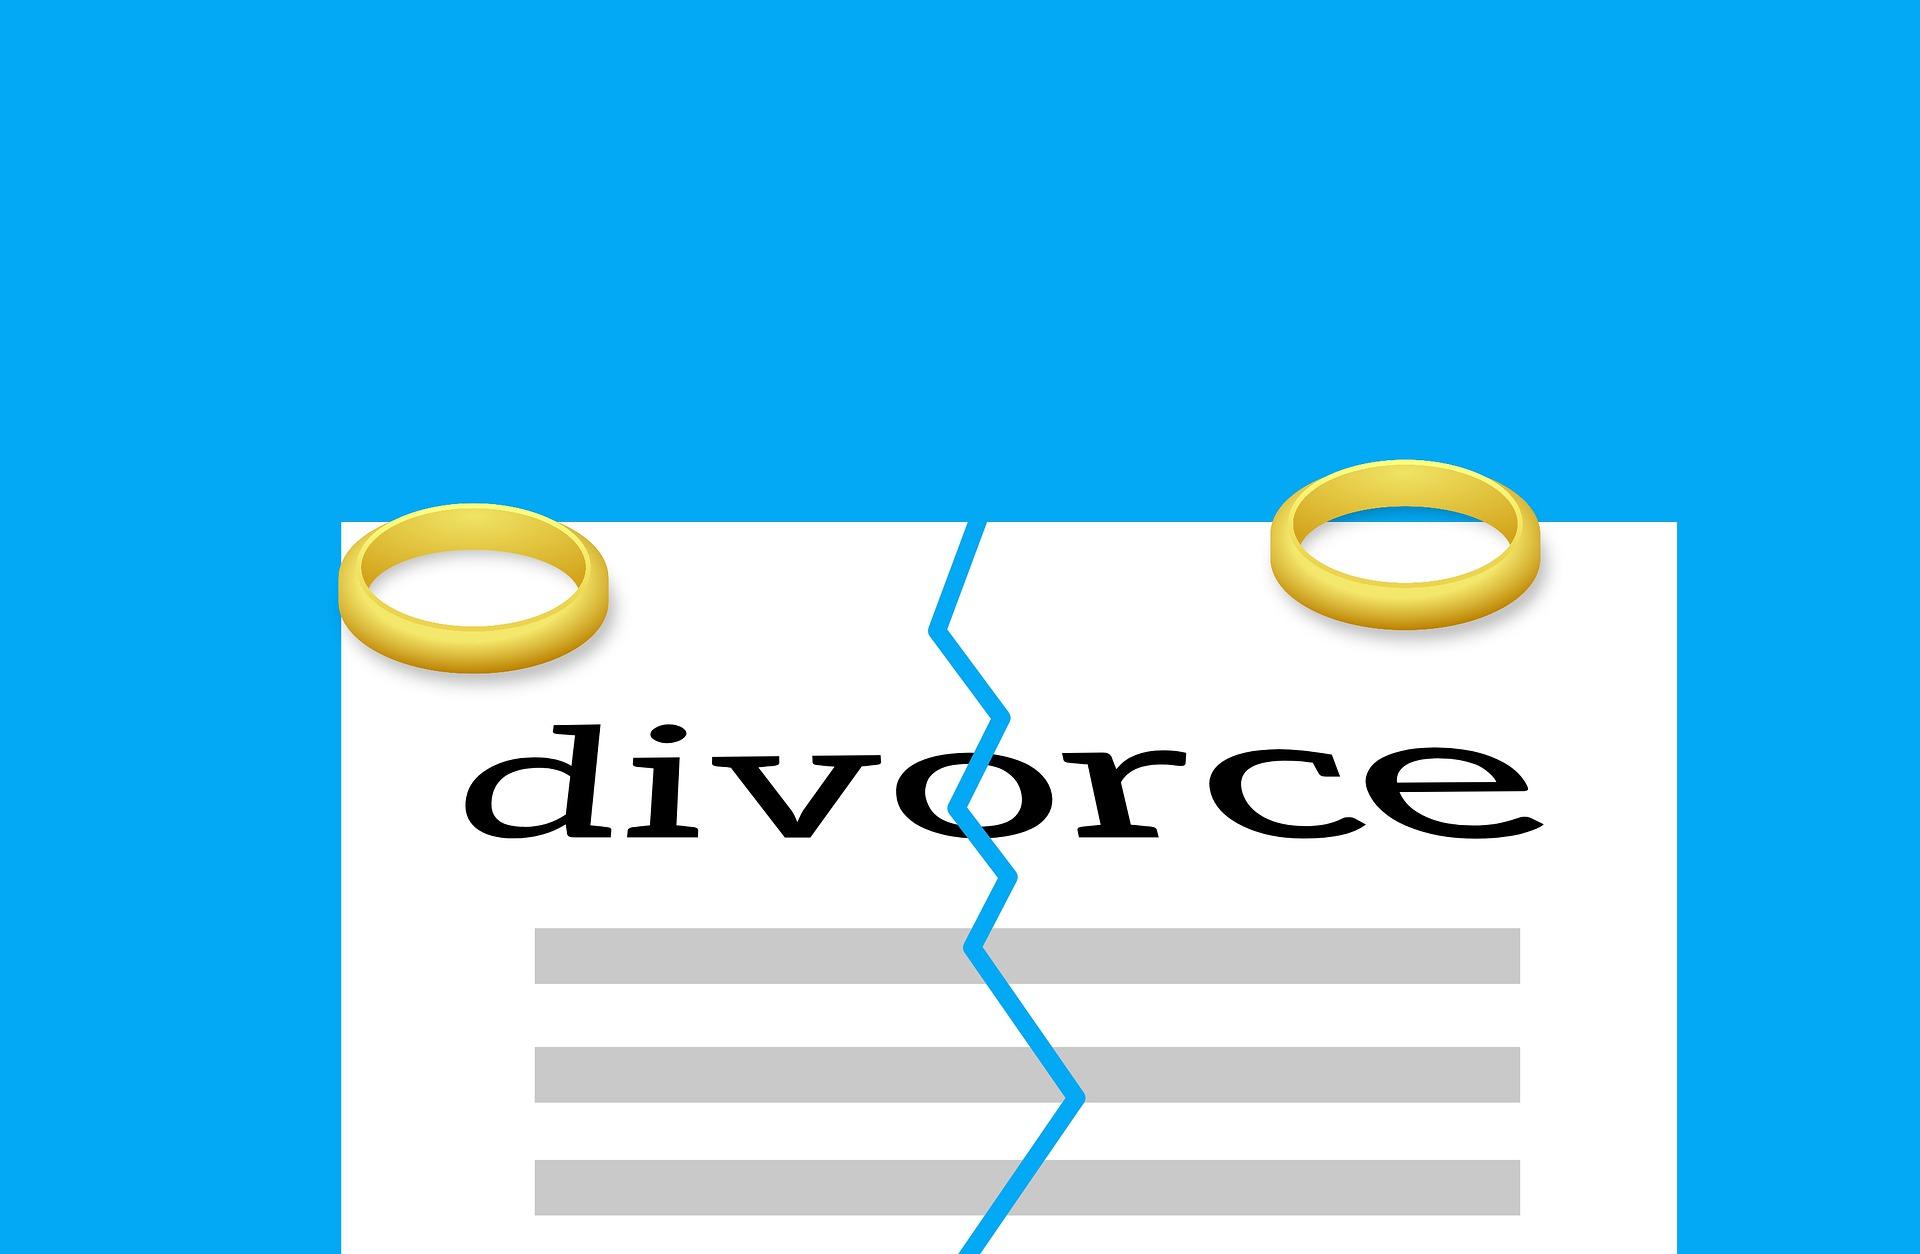 איך לבחור מגשר גירושין?